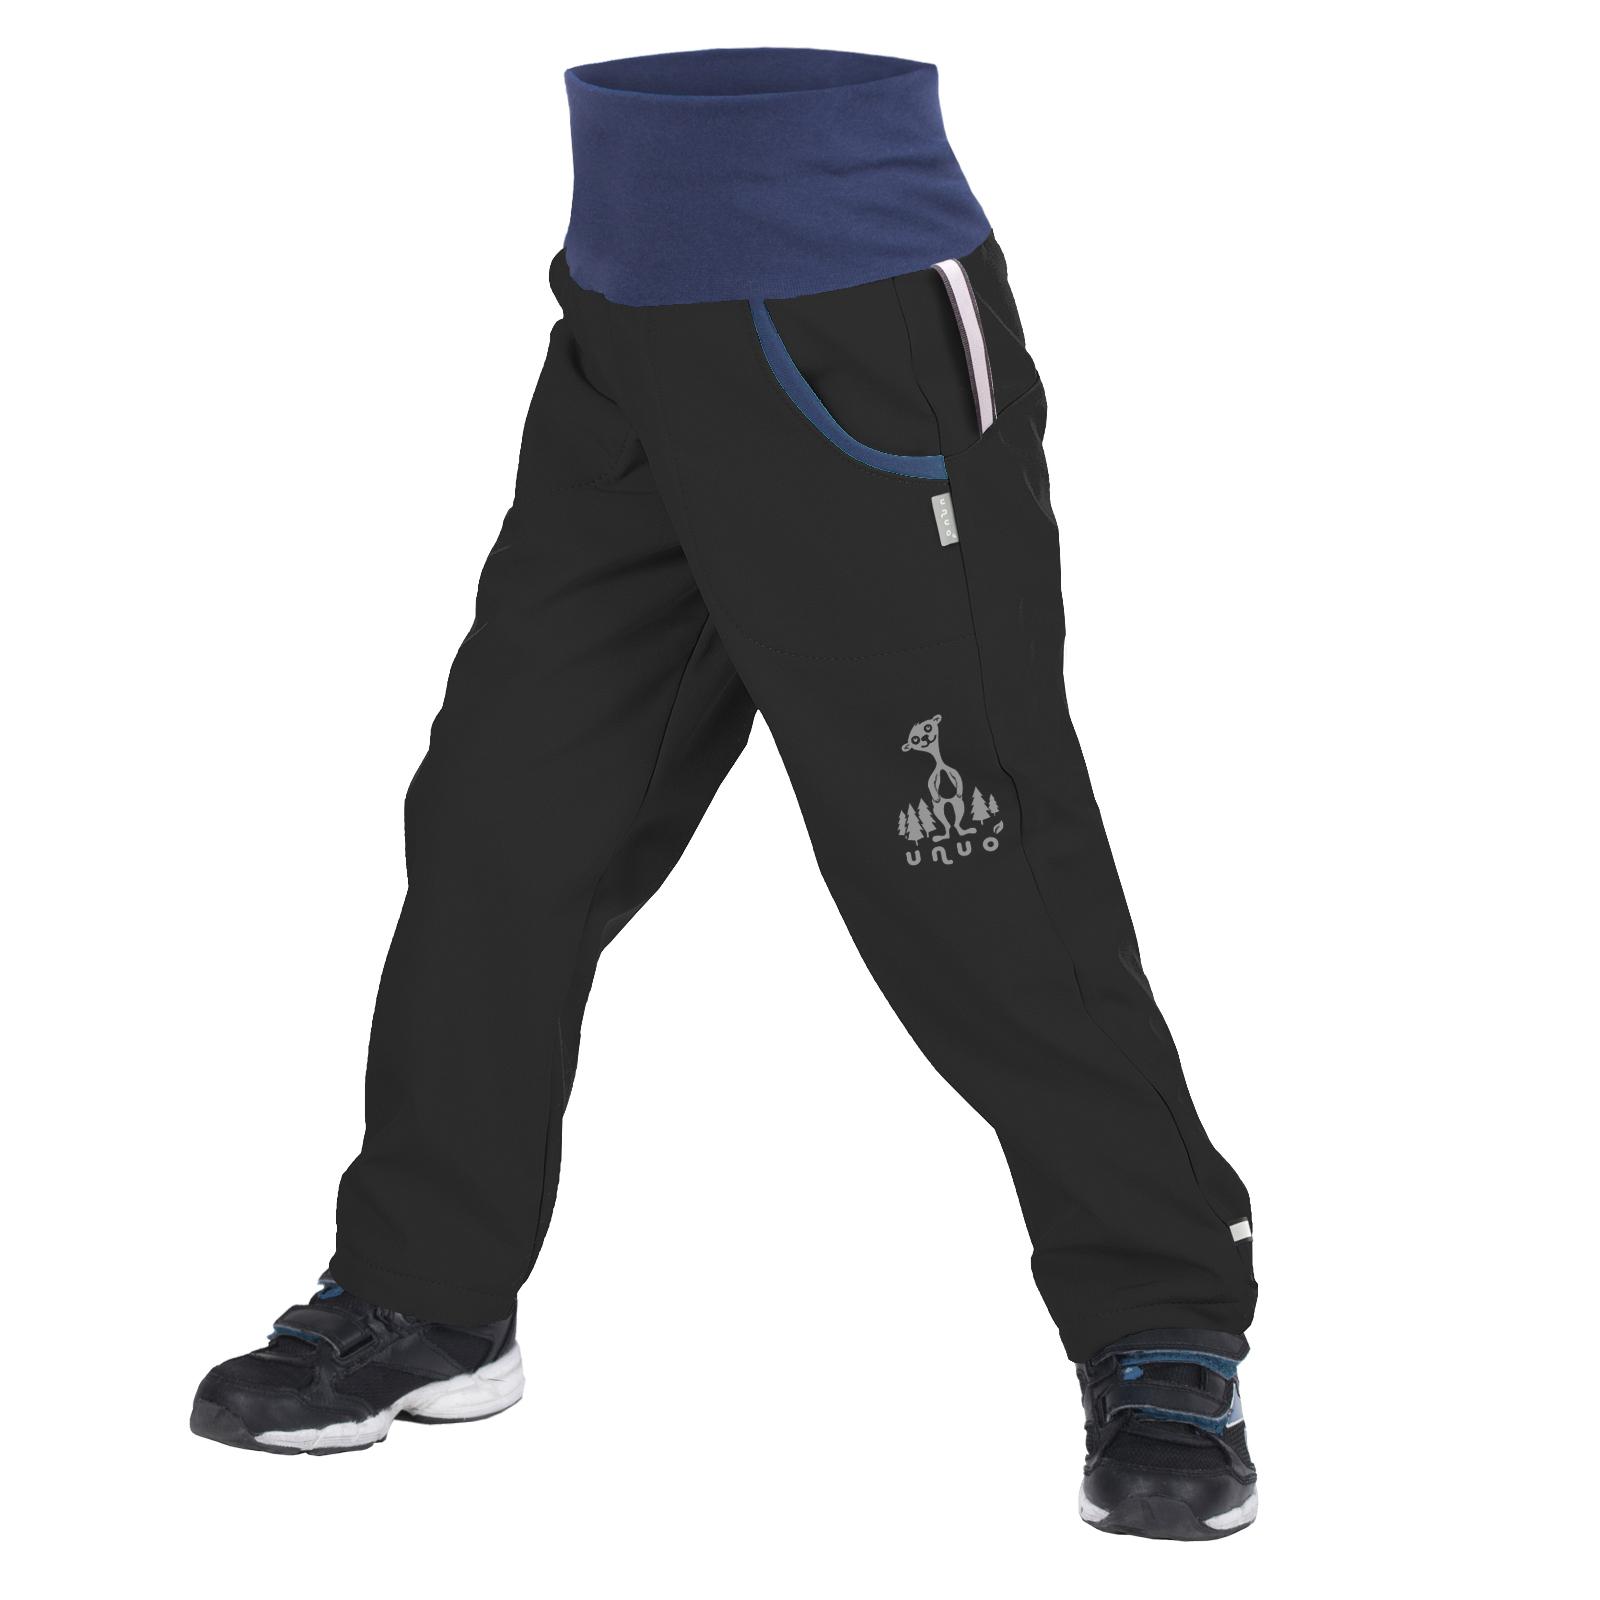 unuo softshellové kalhoty s fleecem Černé + reflexní obrázek Evžen Velikost UNI (Size): 98/104